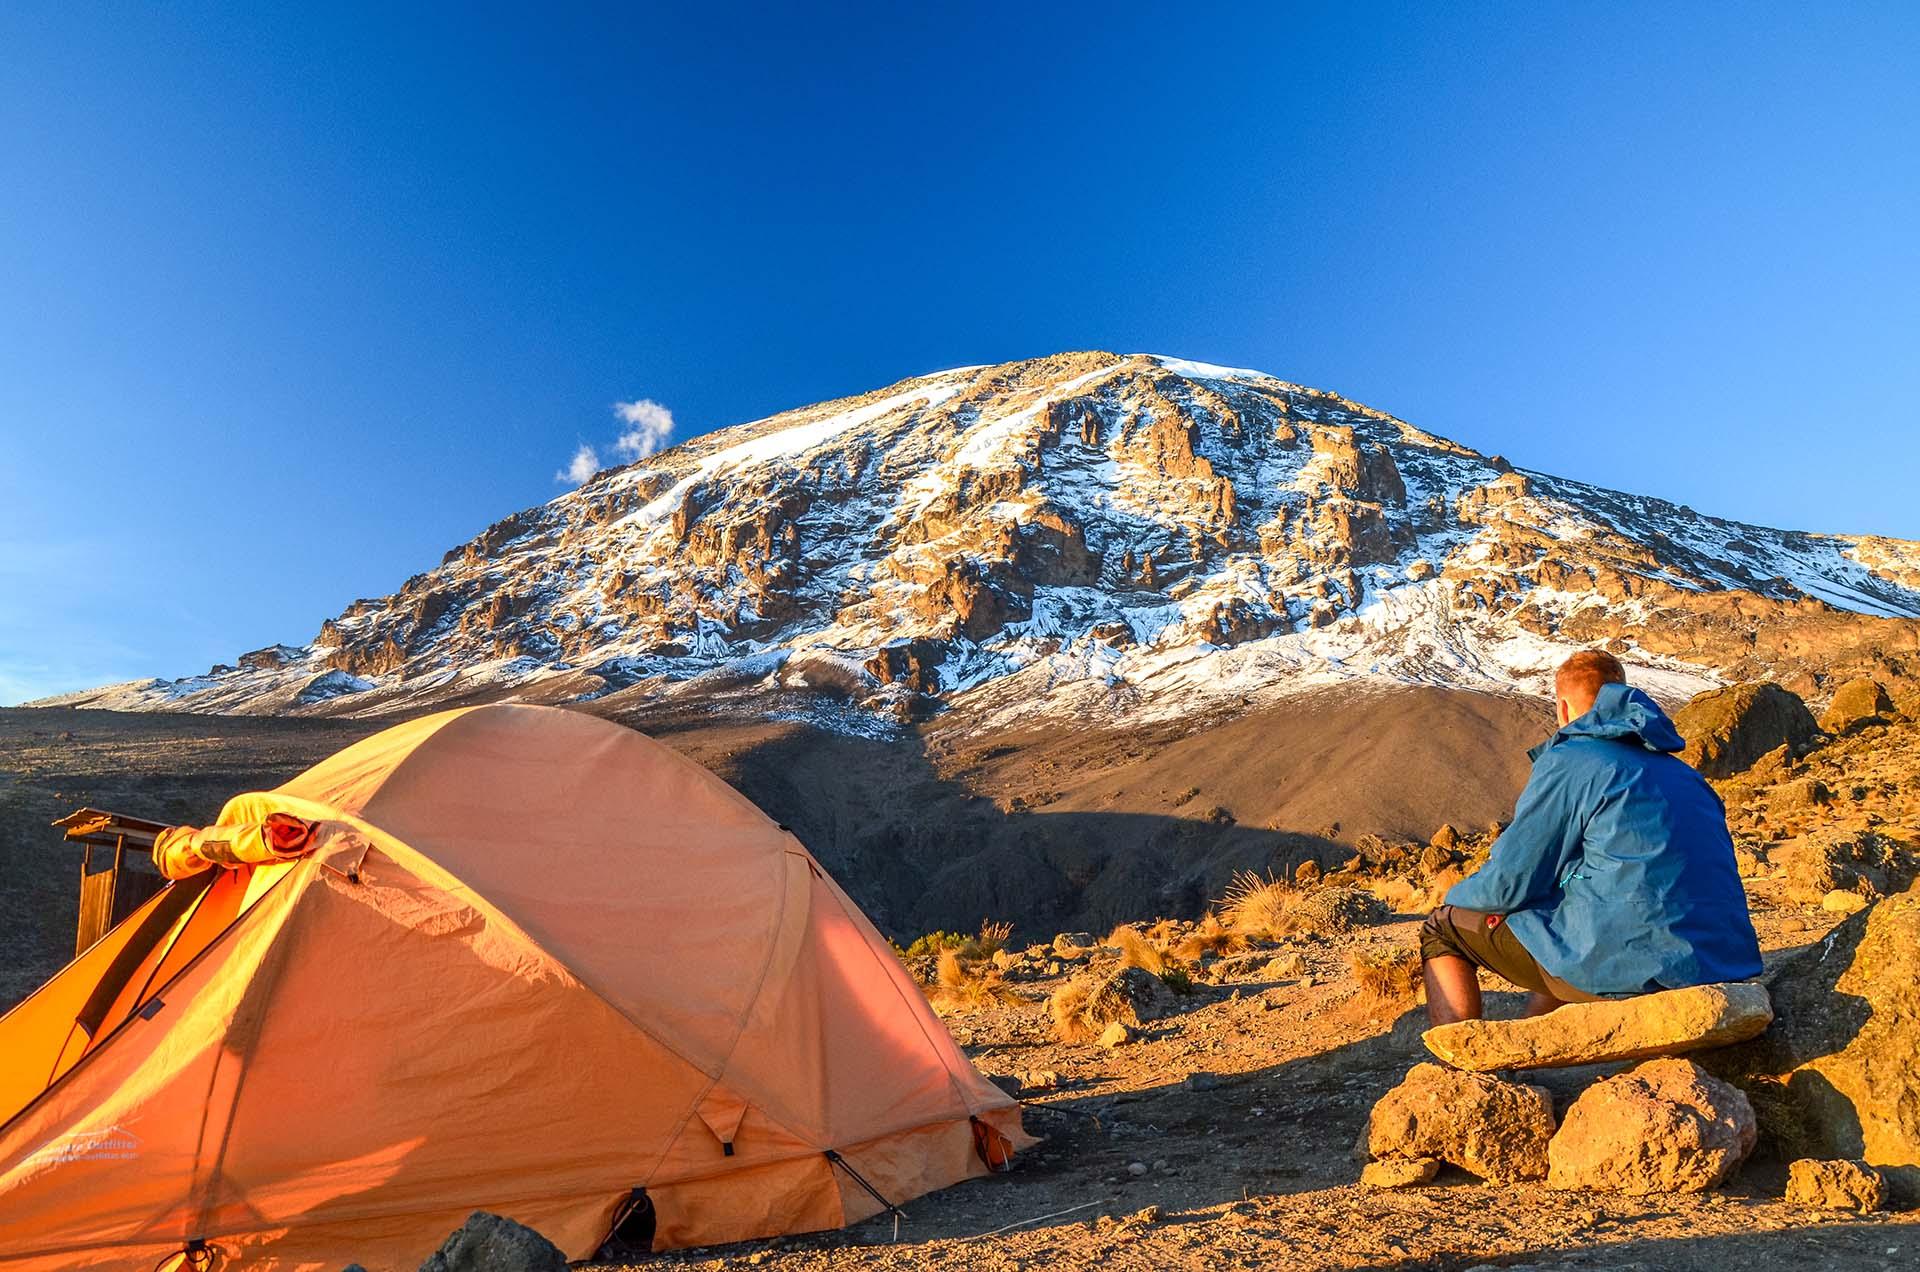 El Monte Kilimanjaro en Tanzania es un volcán inactivo y la montaña independiente más alta del mundo. Si bien el Monte Kilimanjaro es la montaña más alta de África, también es la montaña independiente más alta del mundo, a unos 4900 m de altura desde su base en la meseta